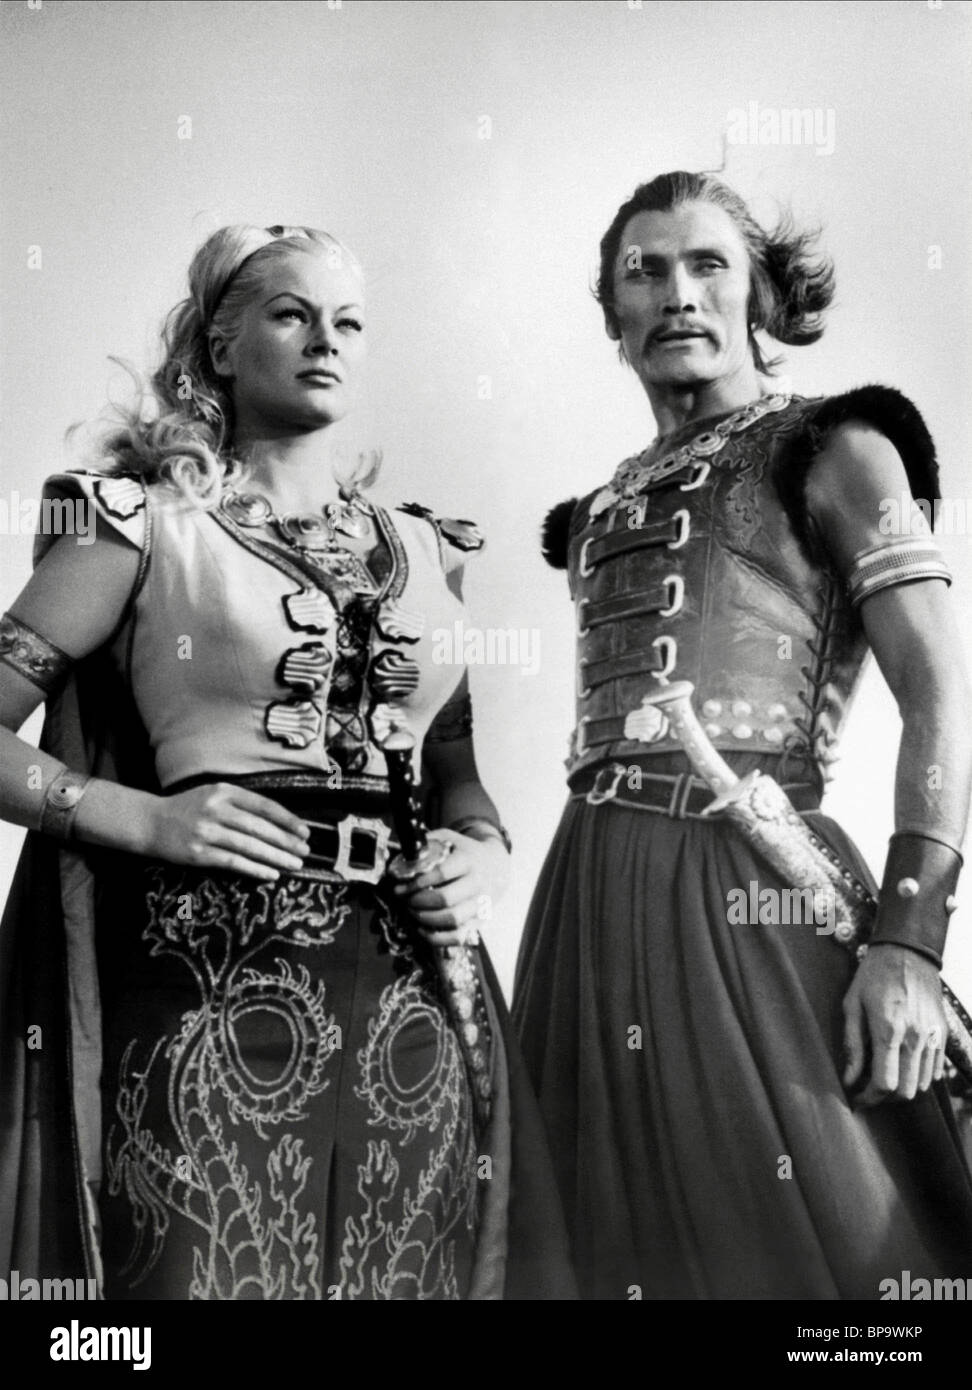 Jack Palance Filmes Best anita ekberg & jack palance i mongoli; the mongols (1961 stock